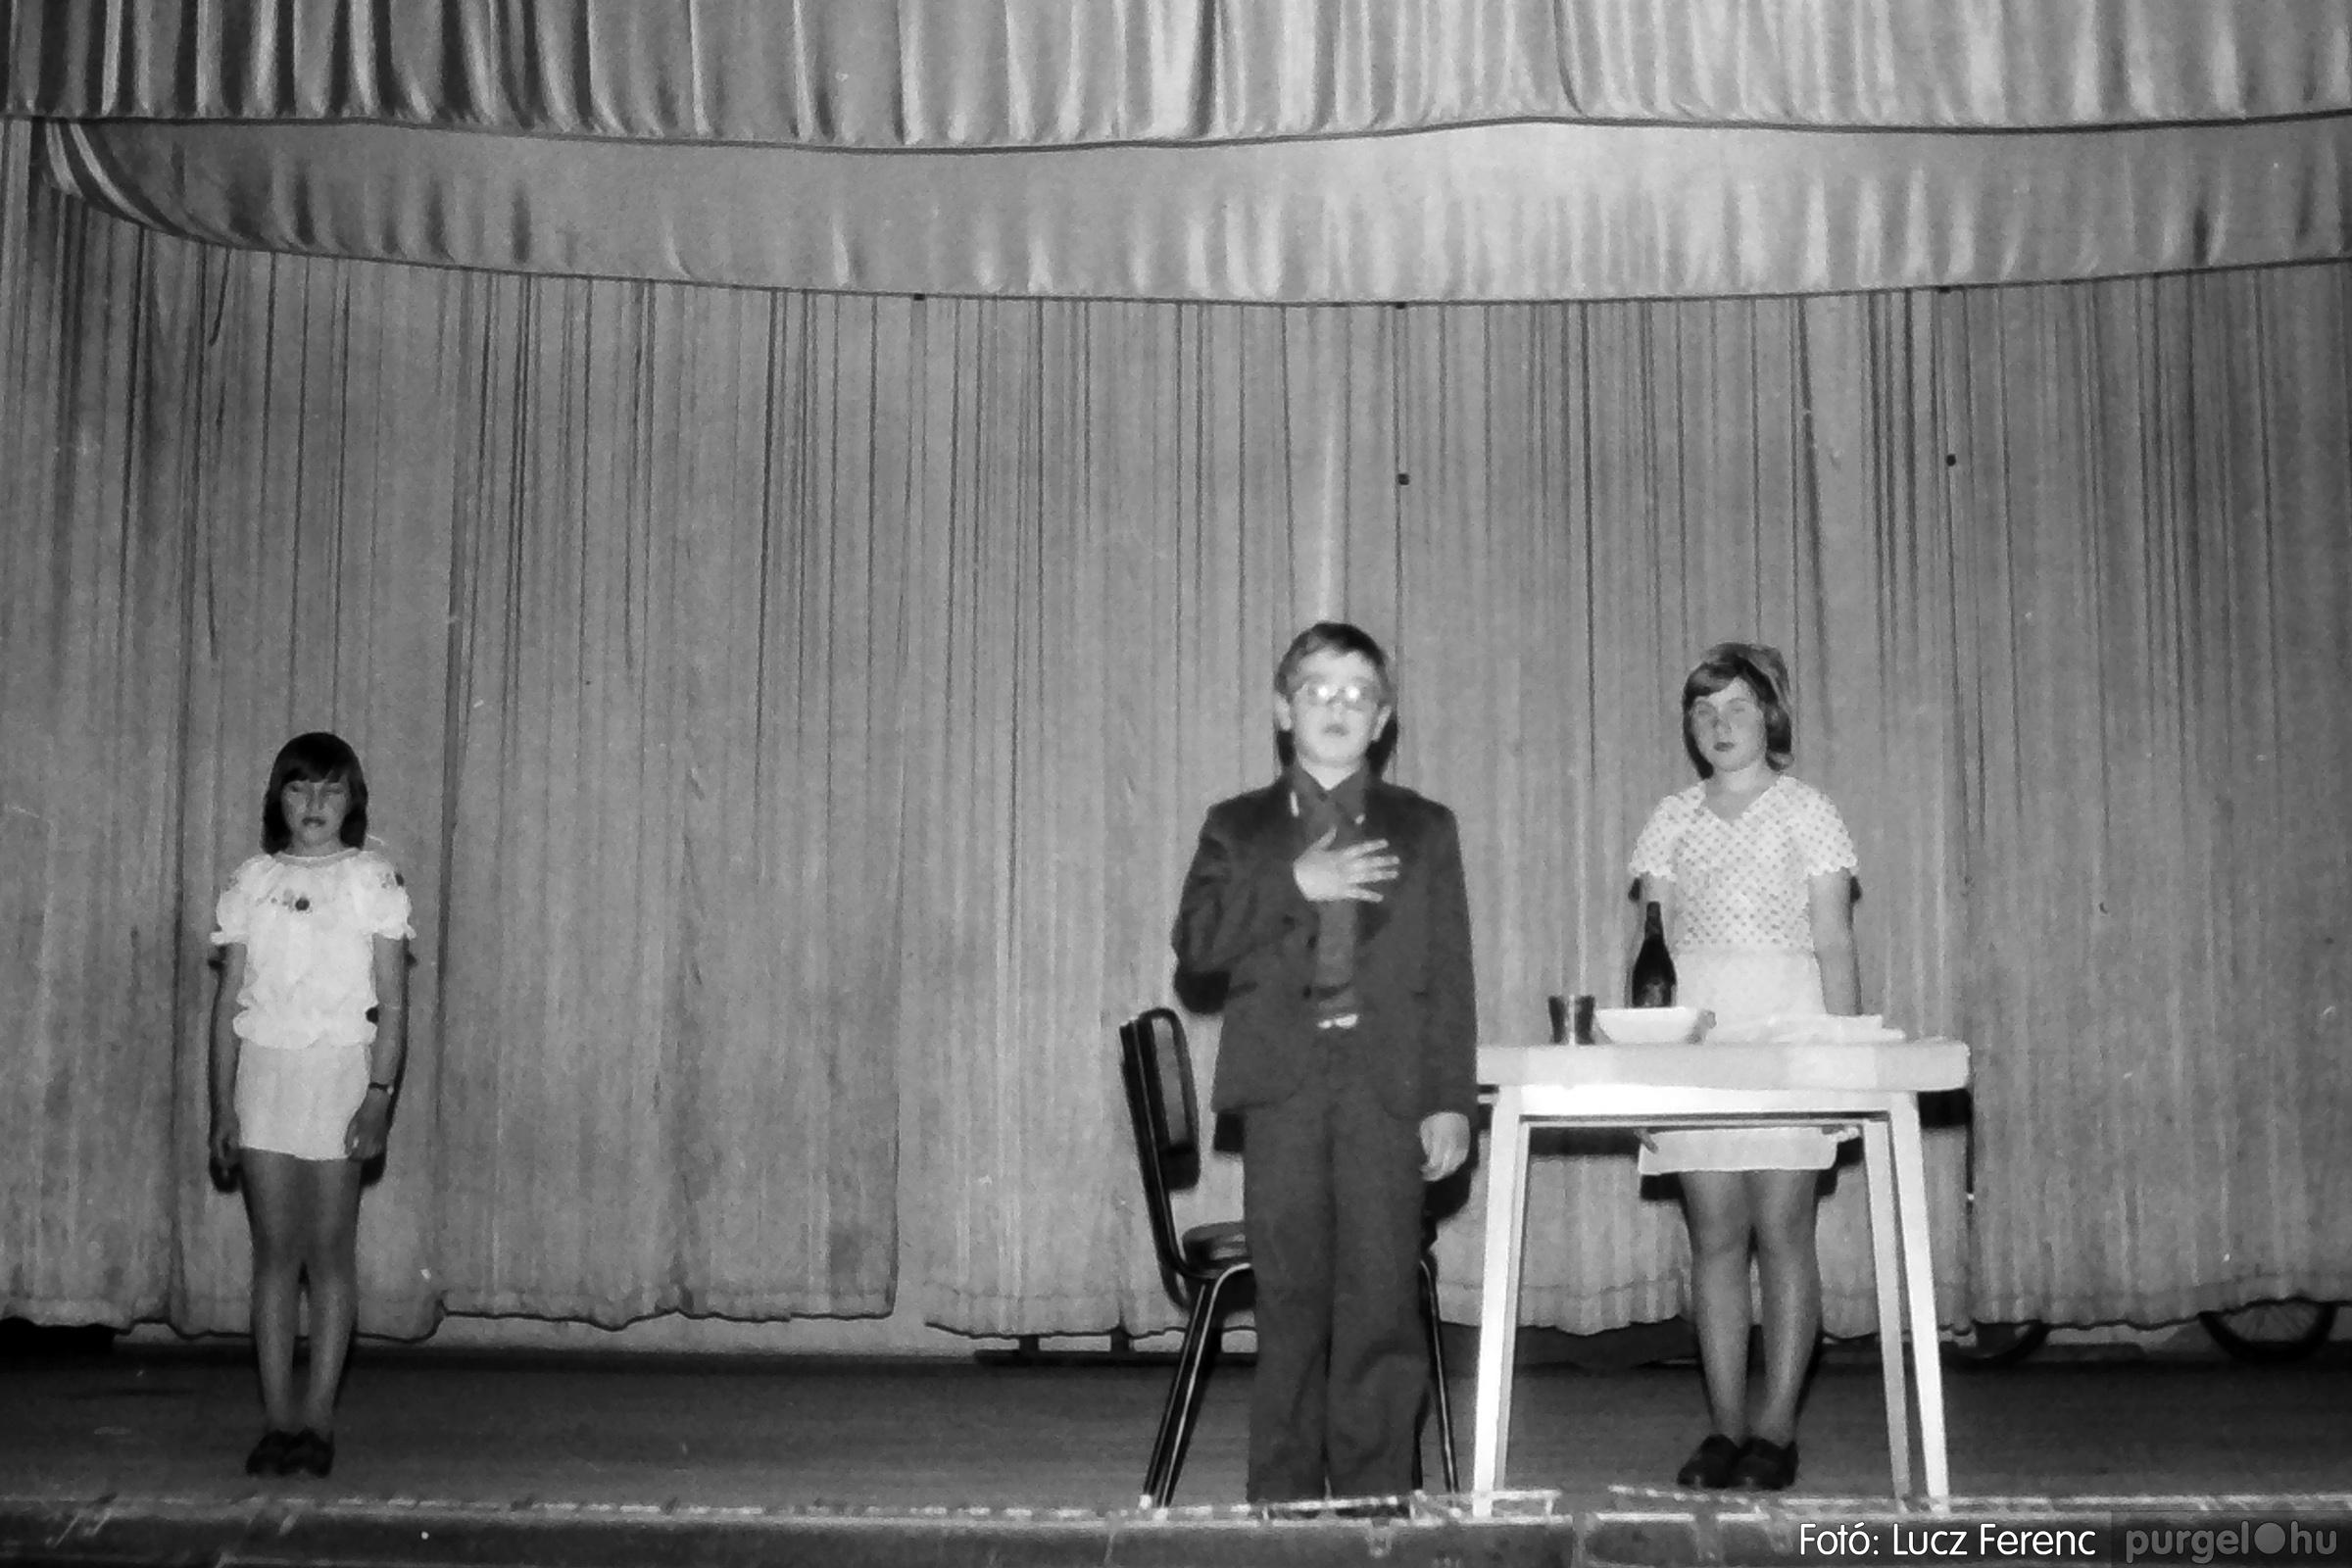 076. 1977. Iskolások fellépése a kultúrházban 001. - Fotó: Lucz Ferenc.jpg